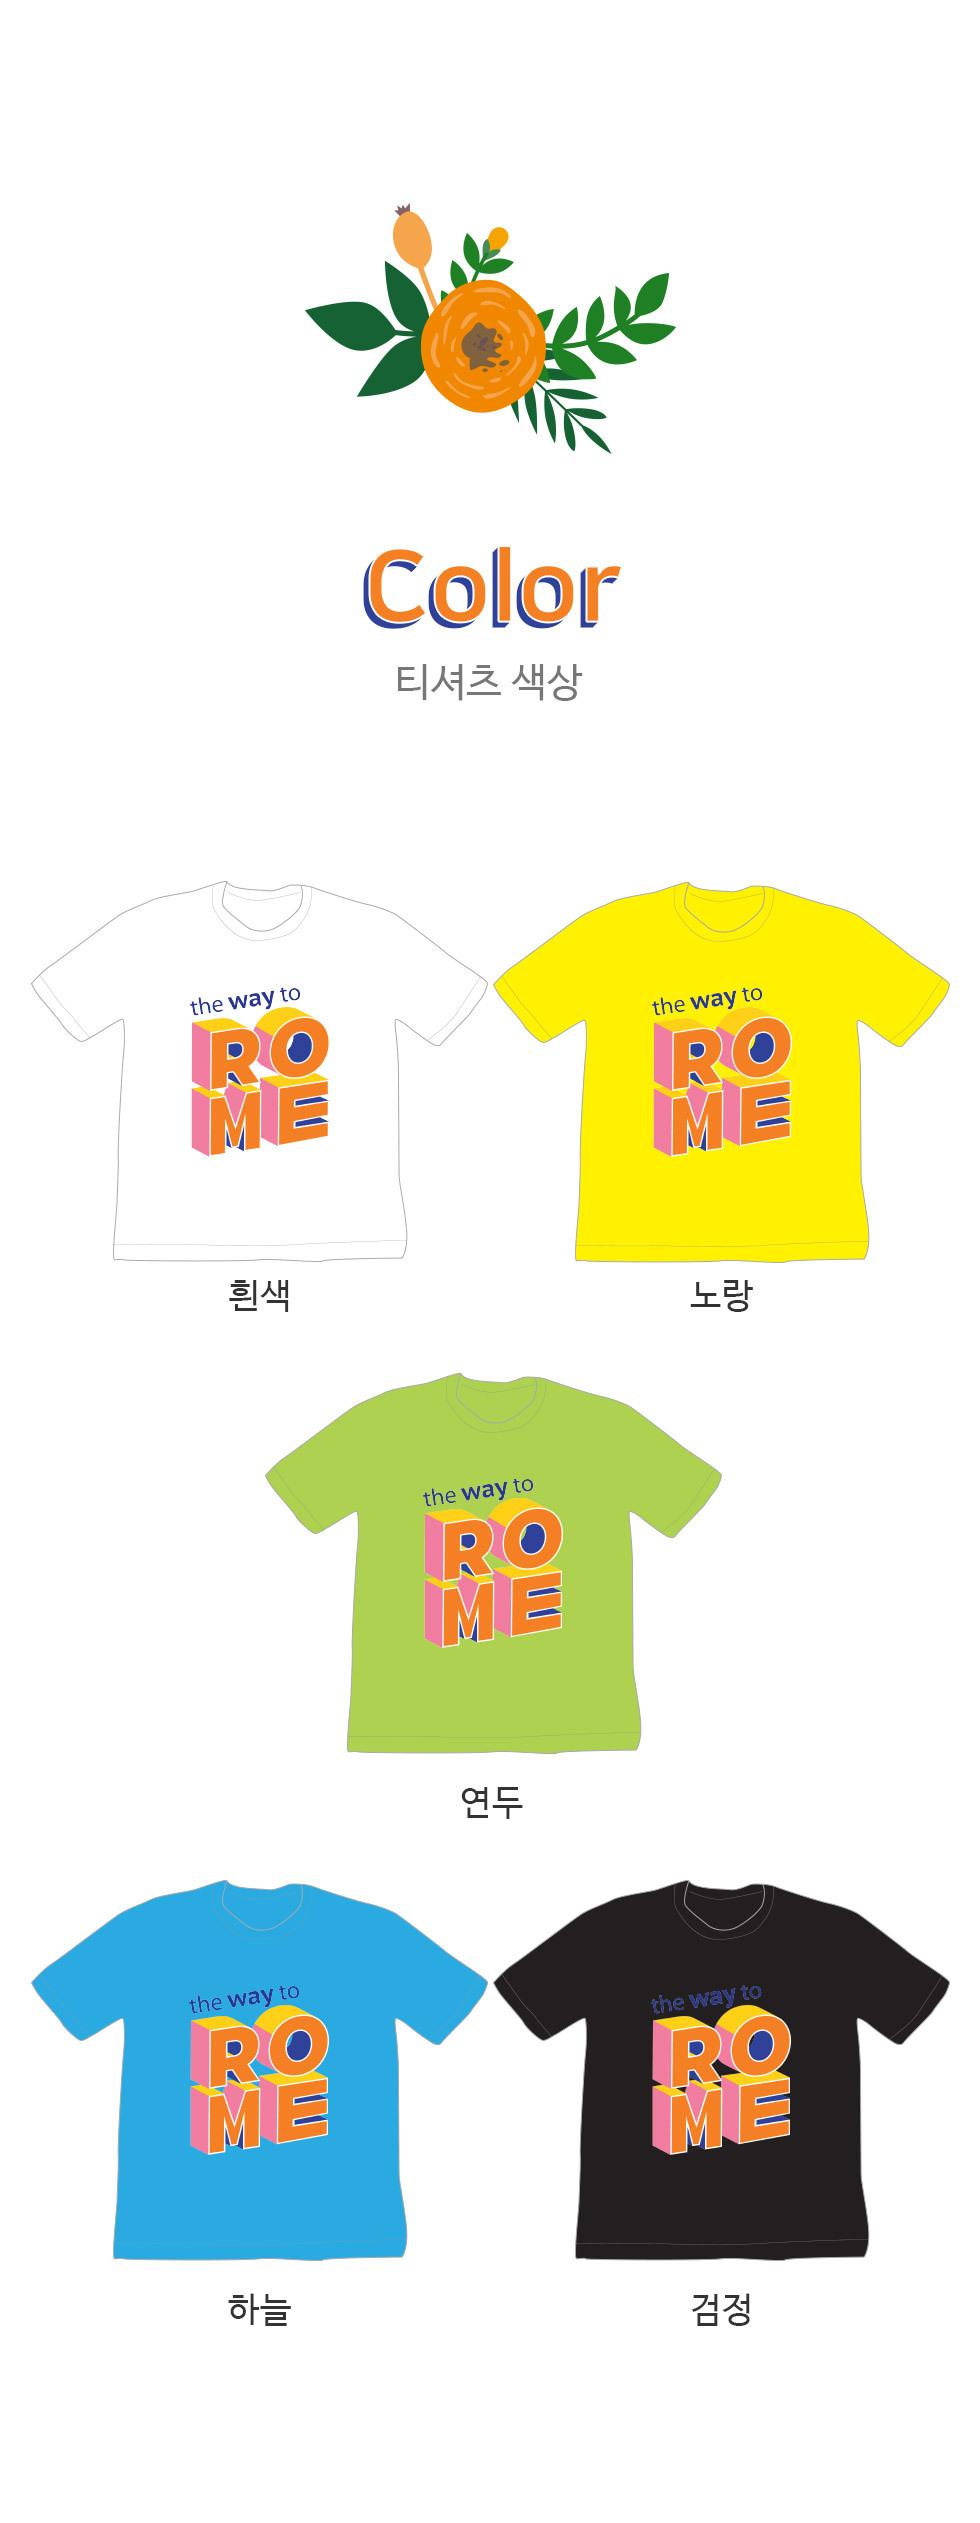 교회 단체티셔츠 바울의 교회사랑 이야기, 로마로 가는 길 (the way to ROME) - 성인티셔츠(오렌지) 티셔츠 색상보기